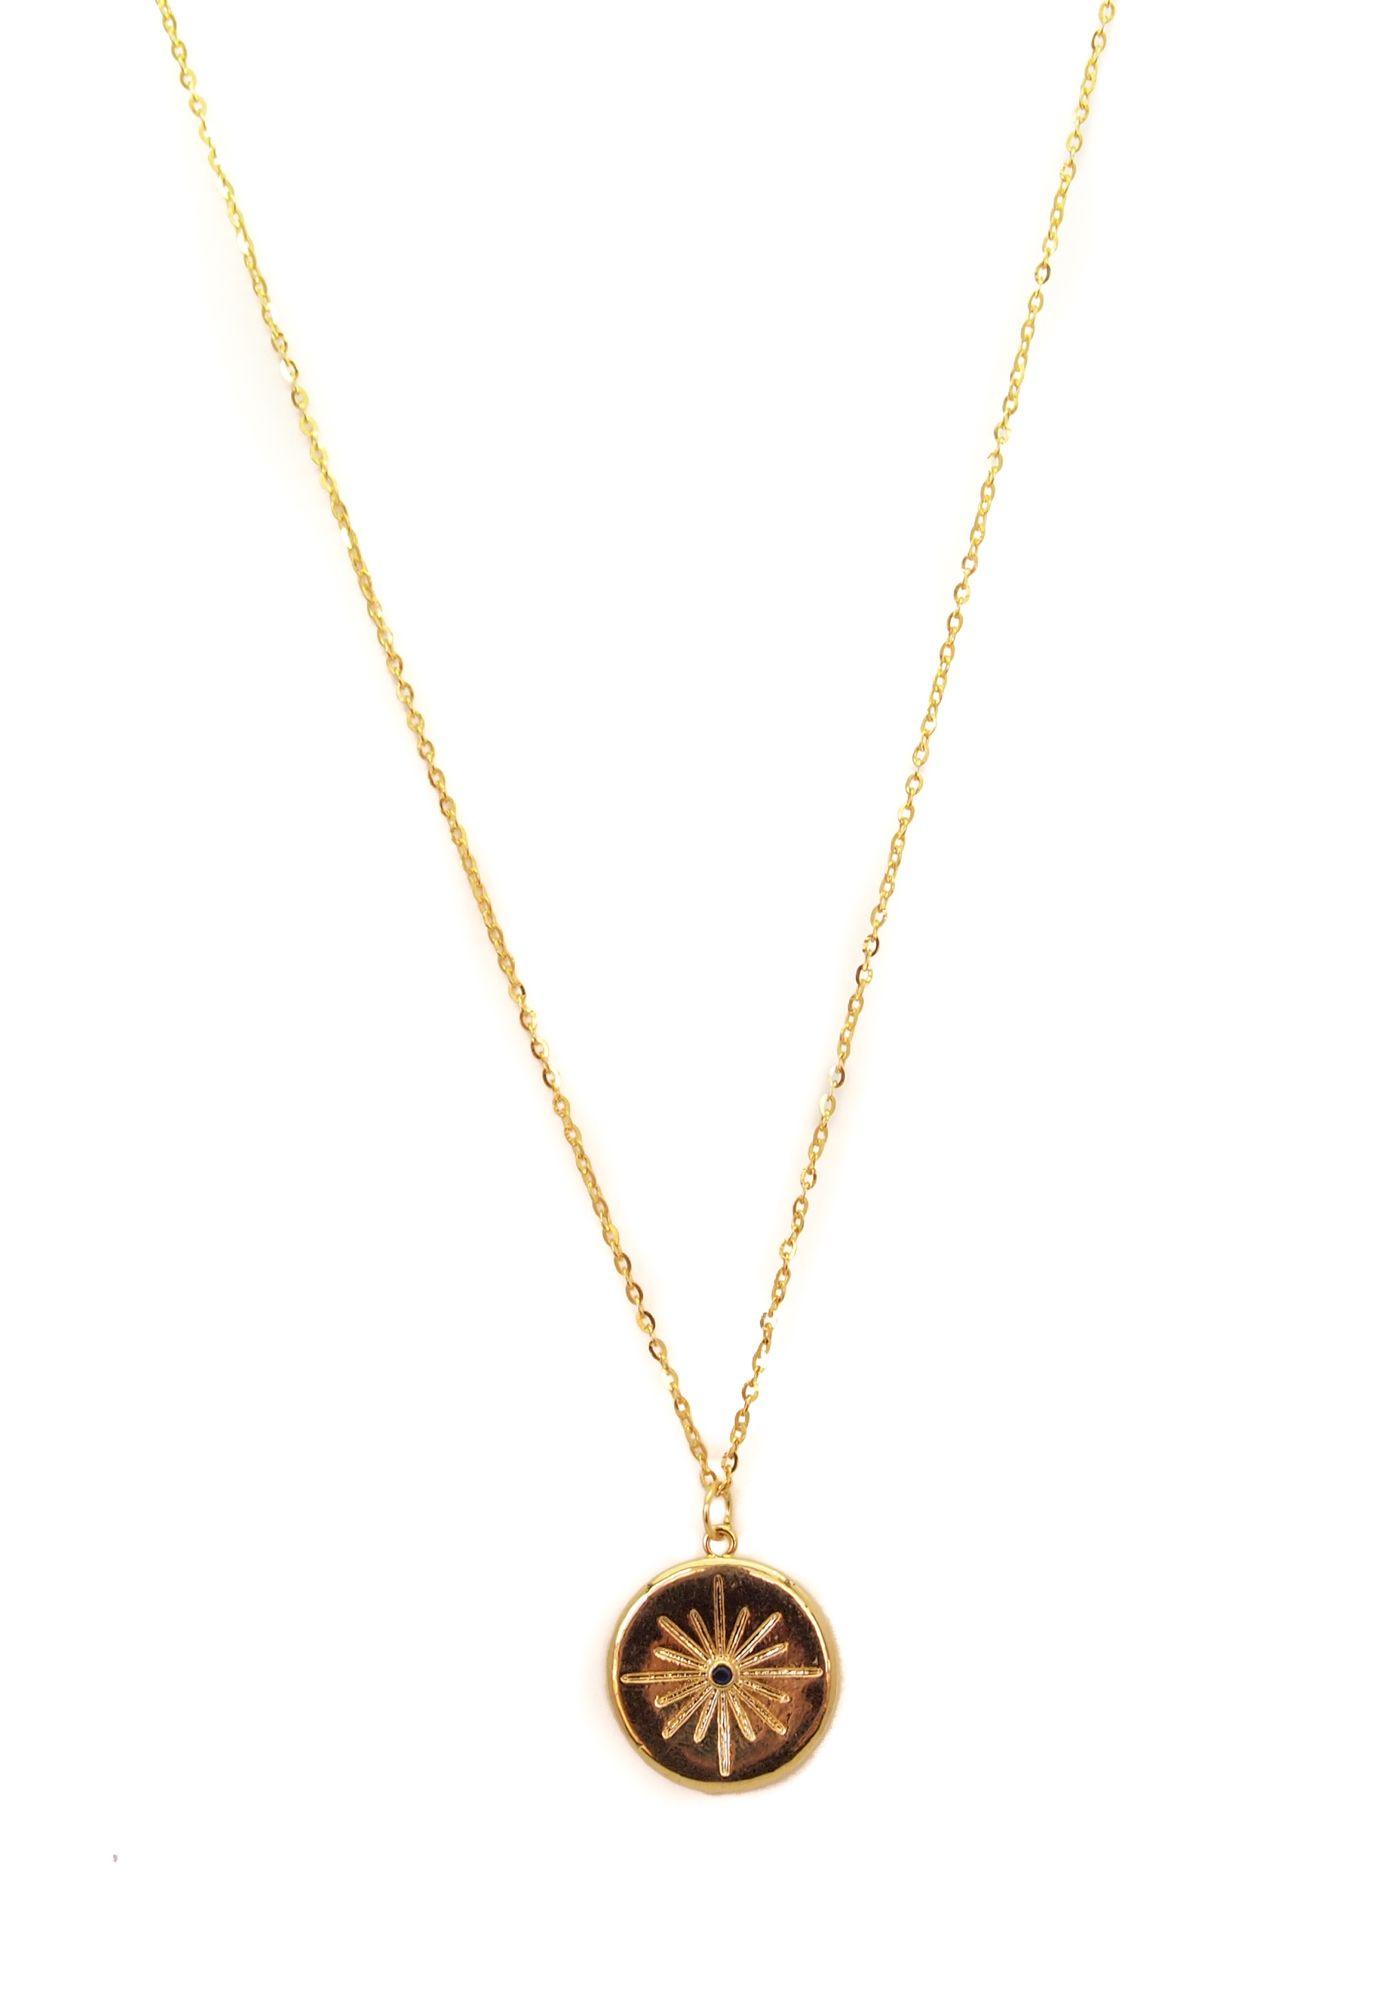 Collar Medalla Luz - Musa accesorios